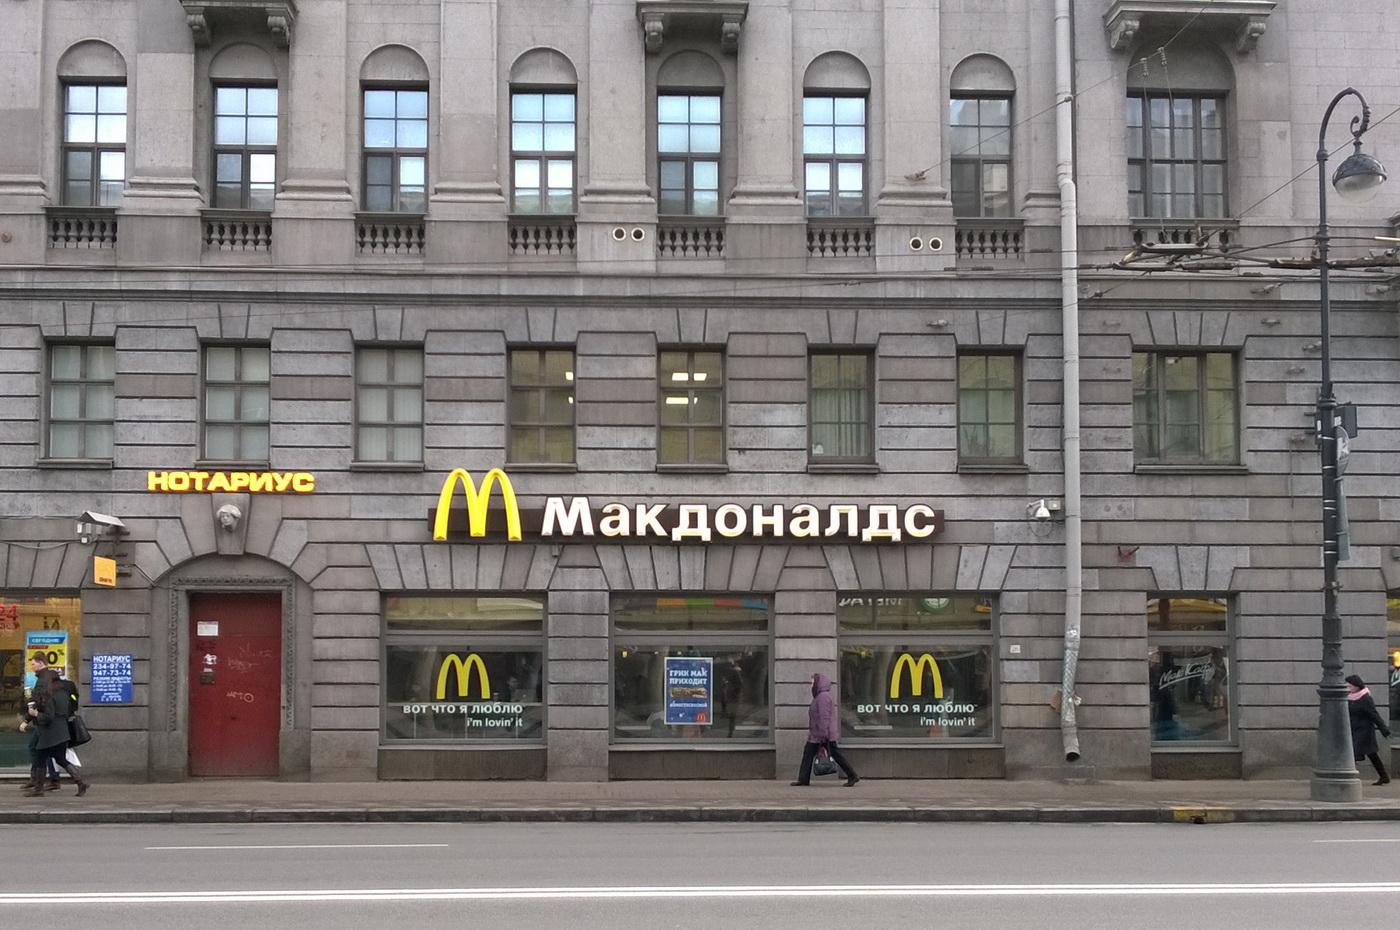 Макдональдс рядом с метро Петроградская